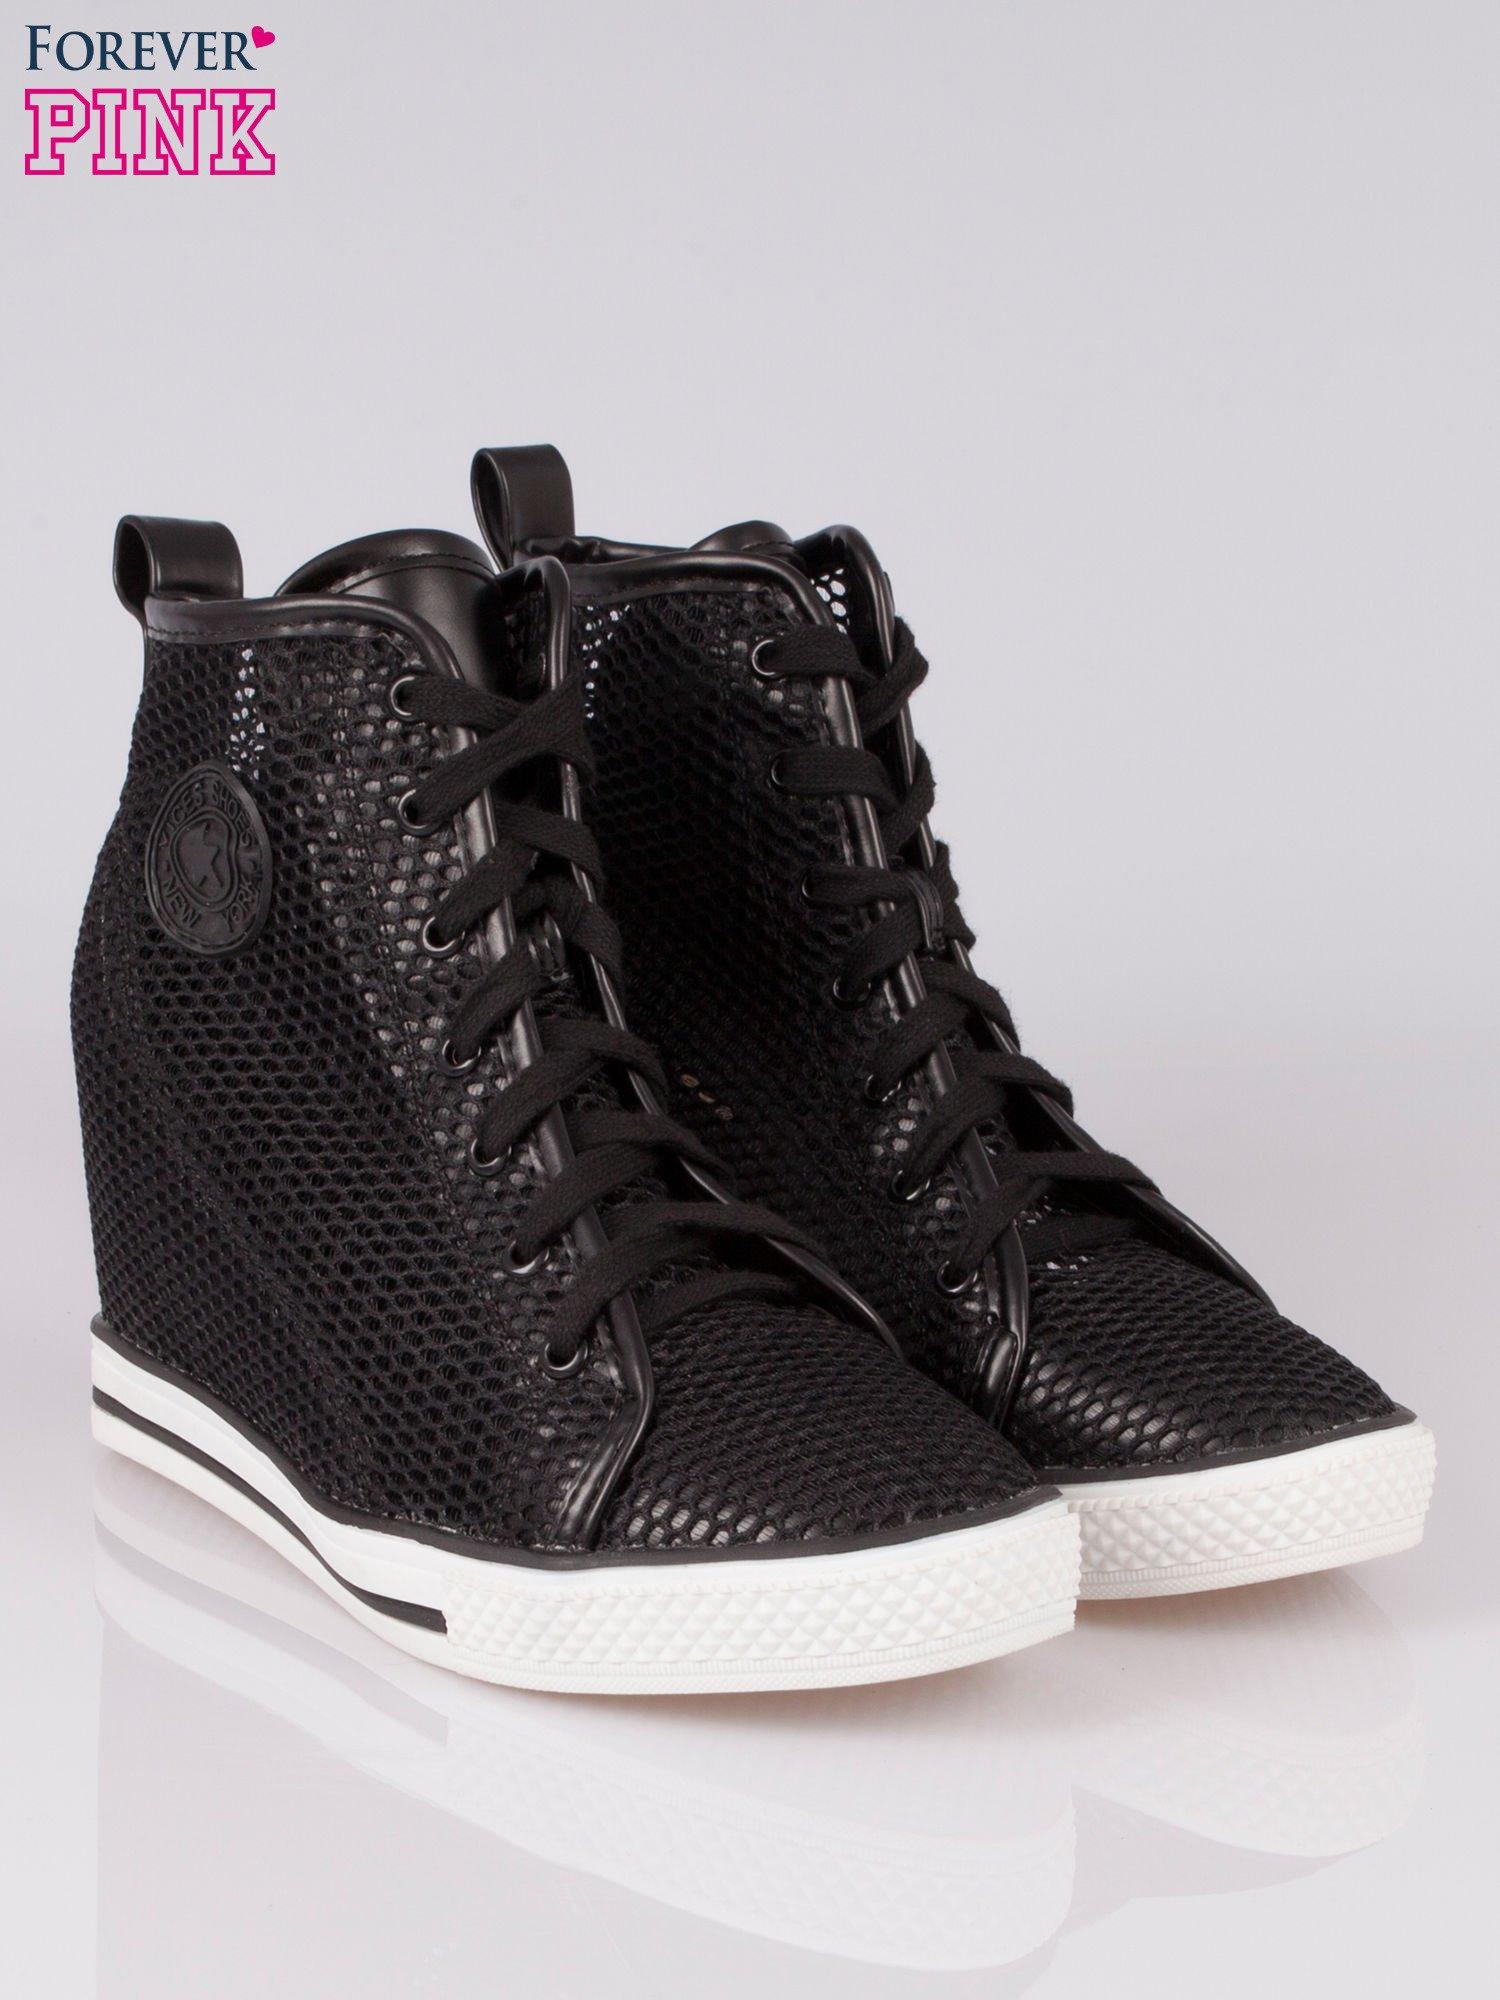 Czarne siateczkowe sneakersy damskie                                  zdj.                                  2